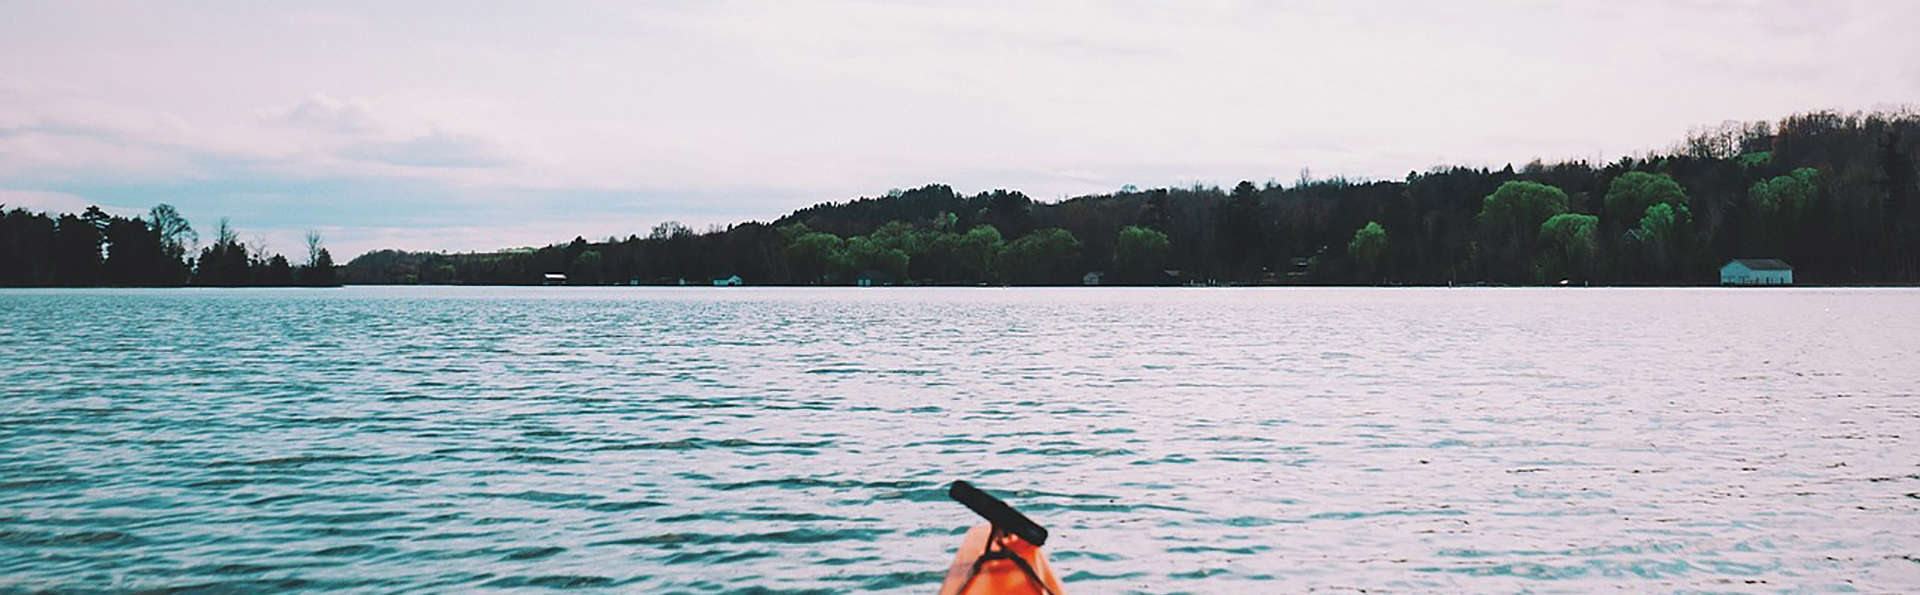 Découvrez les mers du sud en kayak et en plongée à Zahara de los Atunes